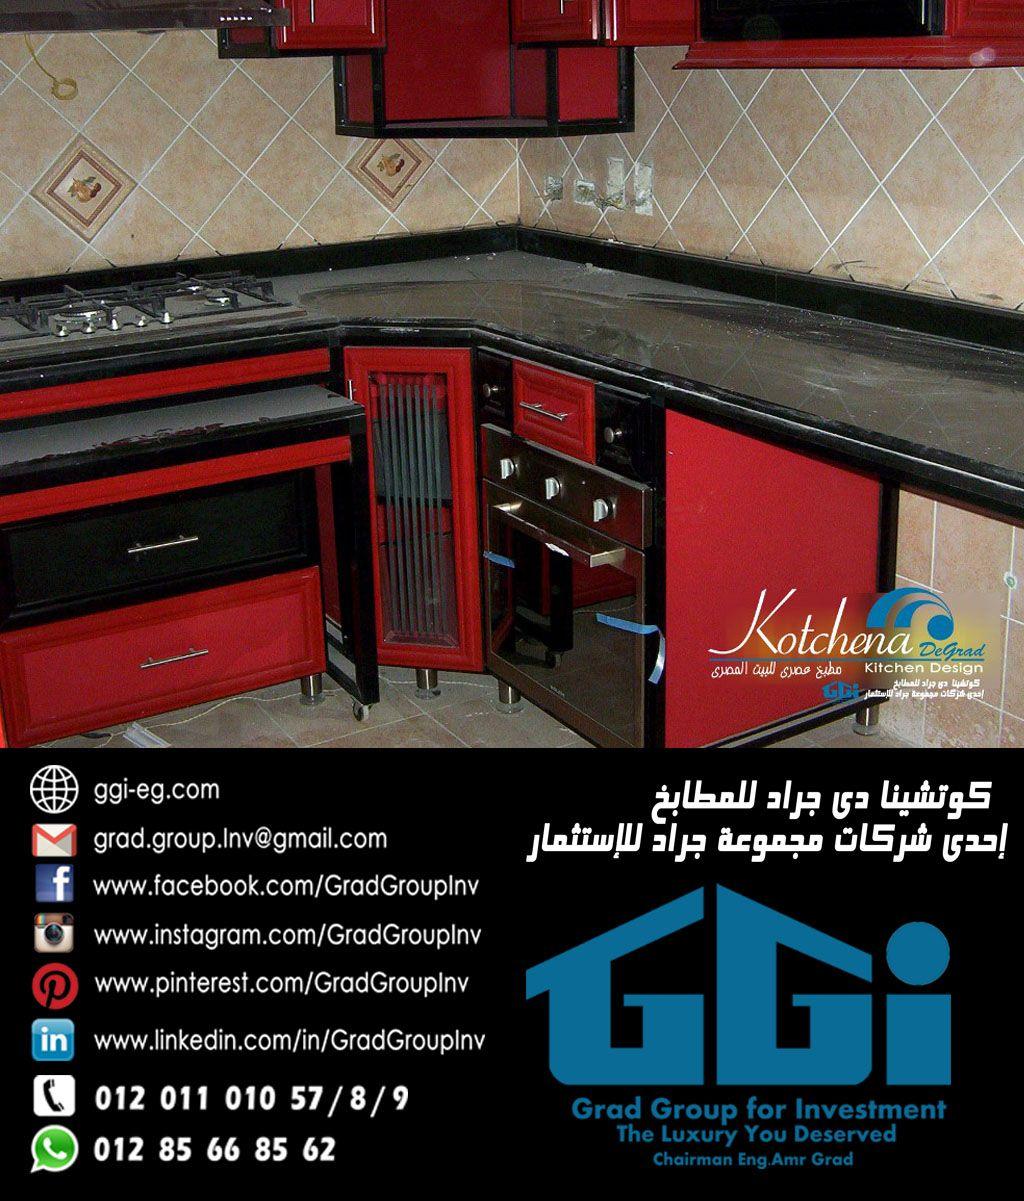 مطبخ المونيوم لون أحمر مودرن من تصميم وتنفيذ شركة كوتشينا دى جراد للمطابخ مطبخ عصرى للبيت المصرى إحدى شركات مجموعة جراد لل Kitchen Double Wall Oven Wall Oven